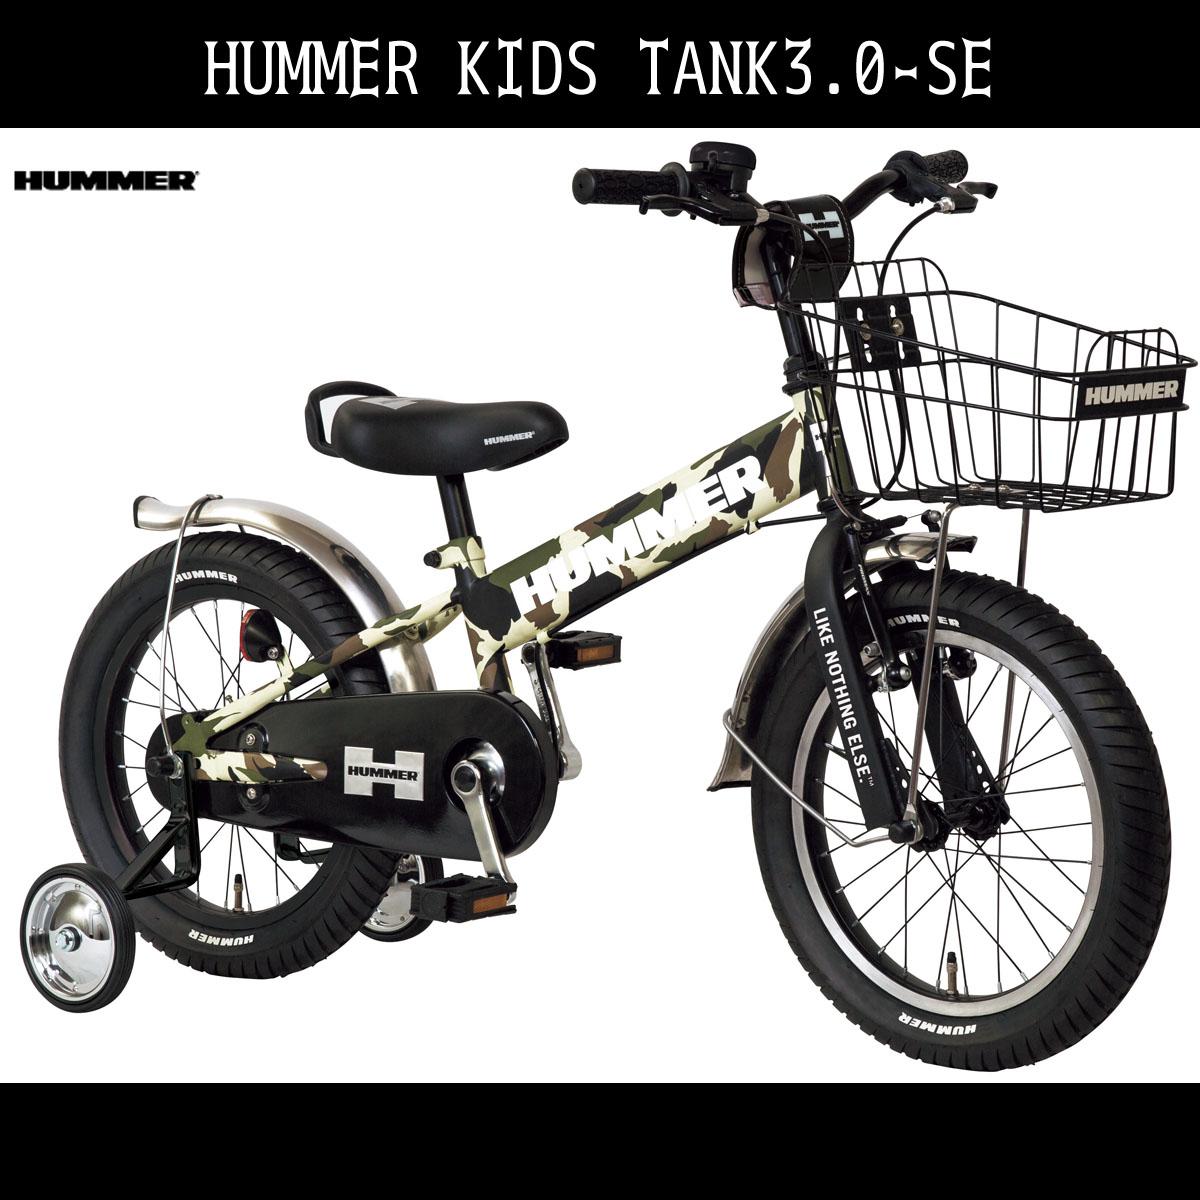 【クーポン配布中!】子供用 マウンテンバイク ハマー HUMMER 自転車 幼児 補助輪付き自転車子ども用自転車 グリーン 緑色 迷彩柄16インチ 自転車 ギアなし 補助輪 泥除け かご付 MTB ハマー マウンテンバイクKID'S TANK3.0-SEキッズ 自転車 変速 変速なし